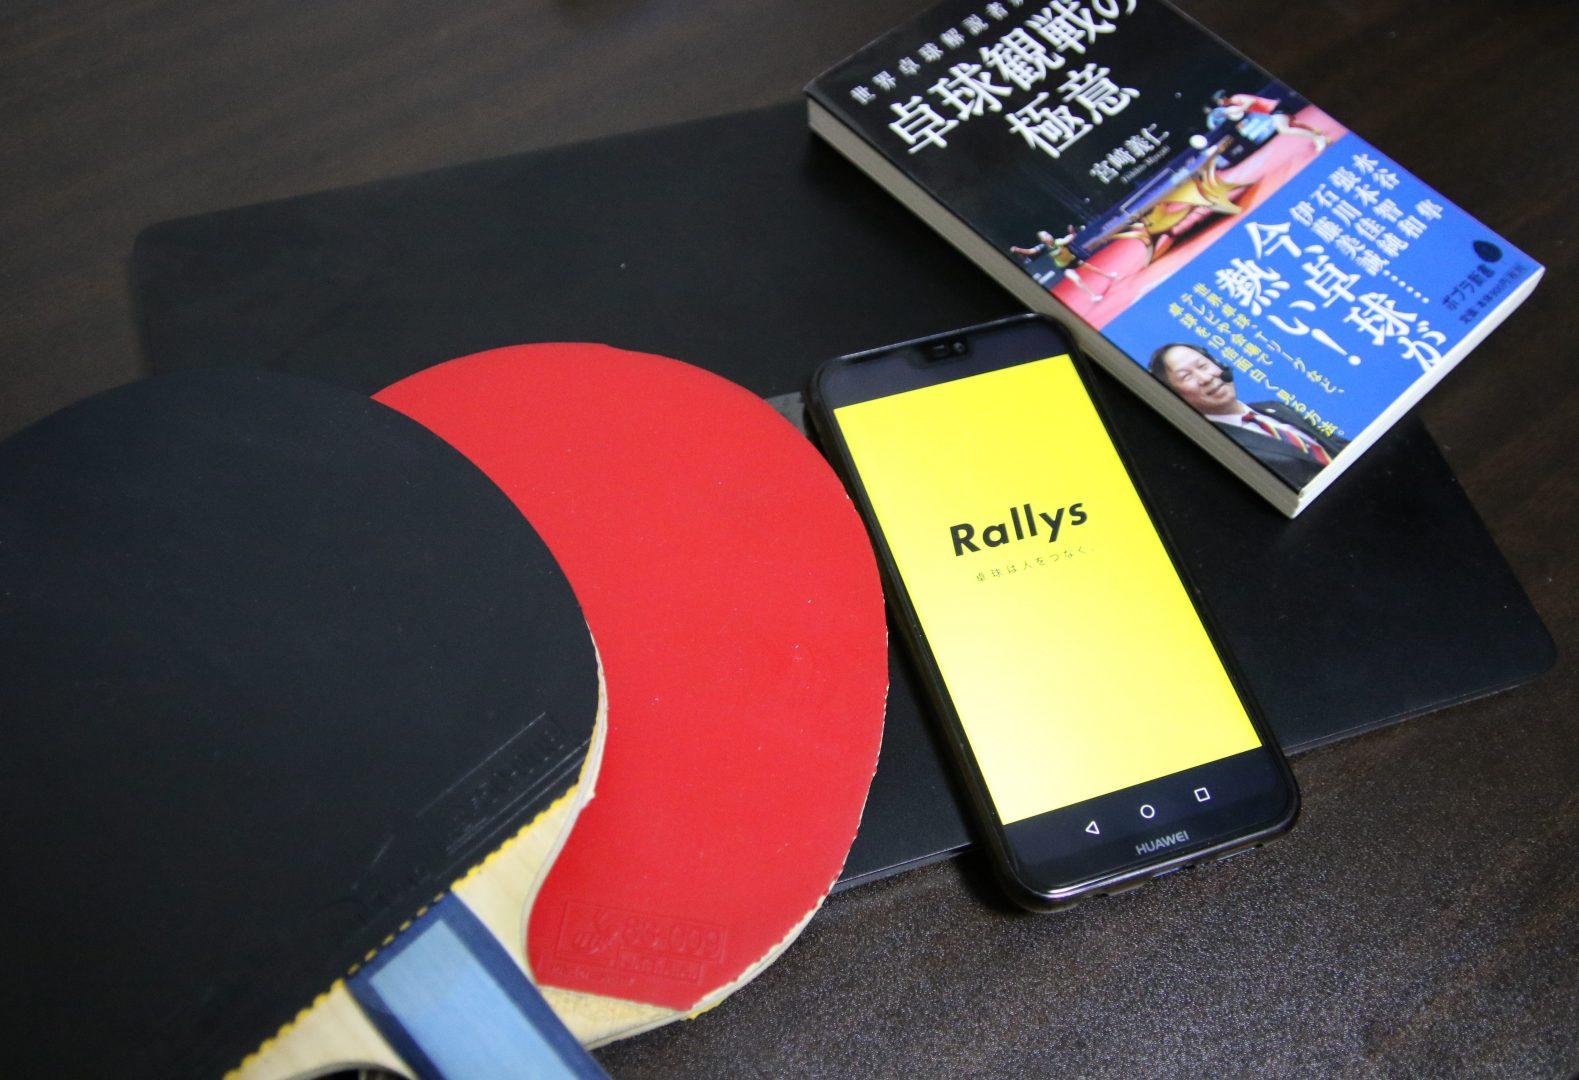 スマホ1台で卓球観戦を楽しめる時代に 「スポーツ×5G」にさらなる期待も